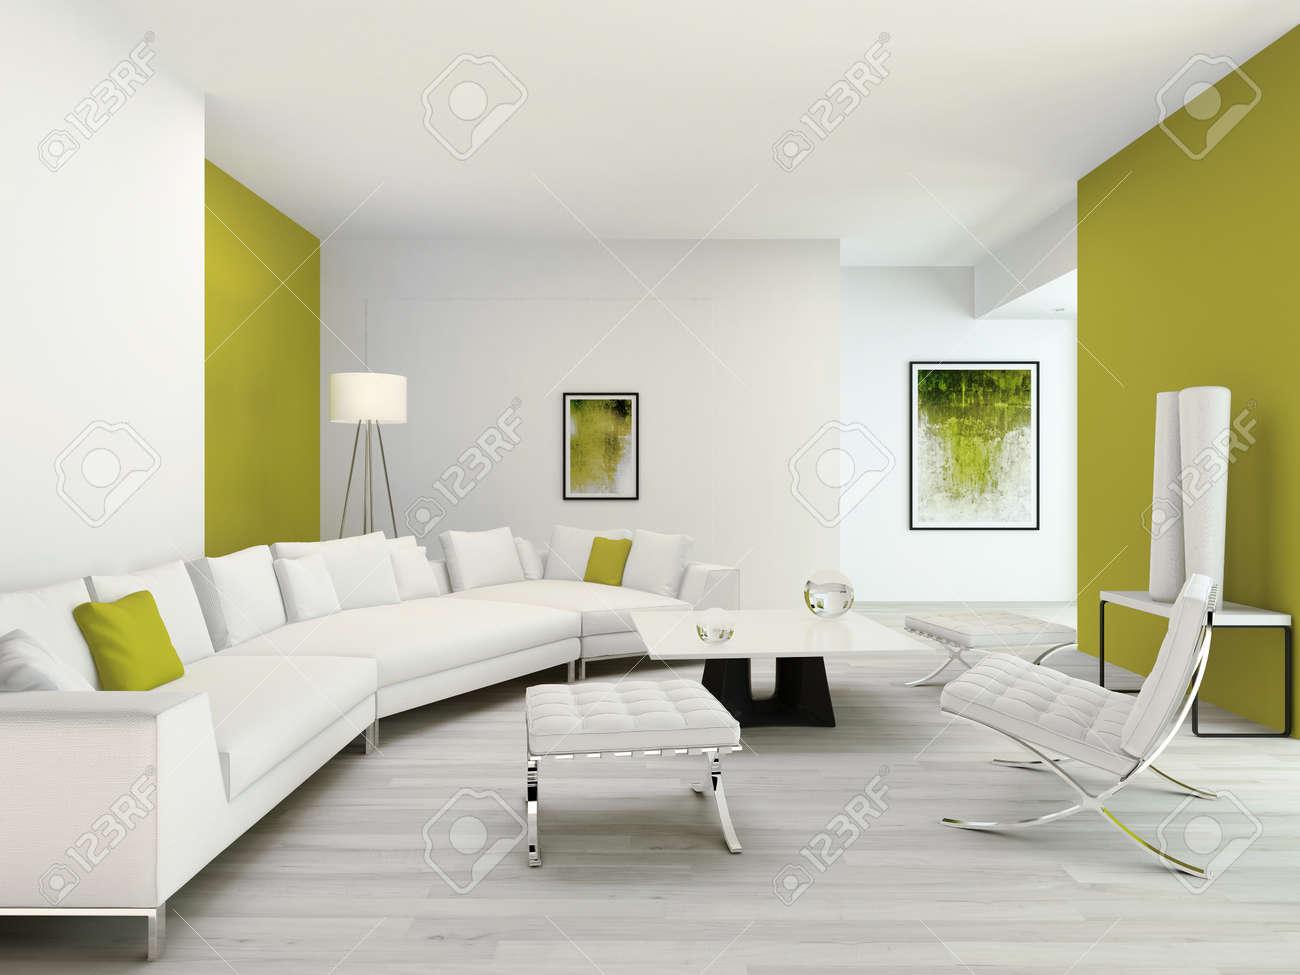 Reine Grünen Und Weißen Wohnzimmer-Interieur Mit Zeitgenössischen ...